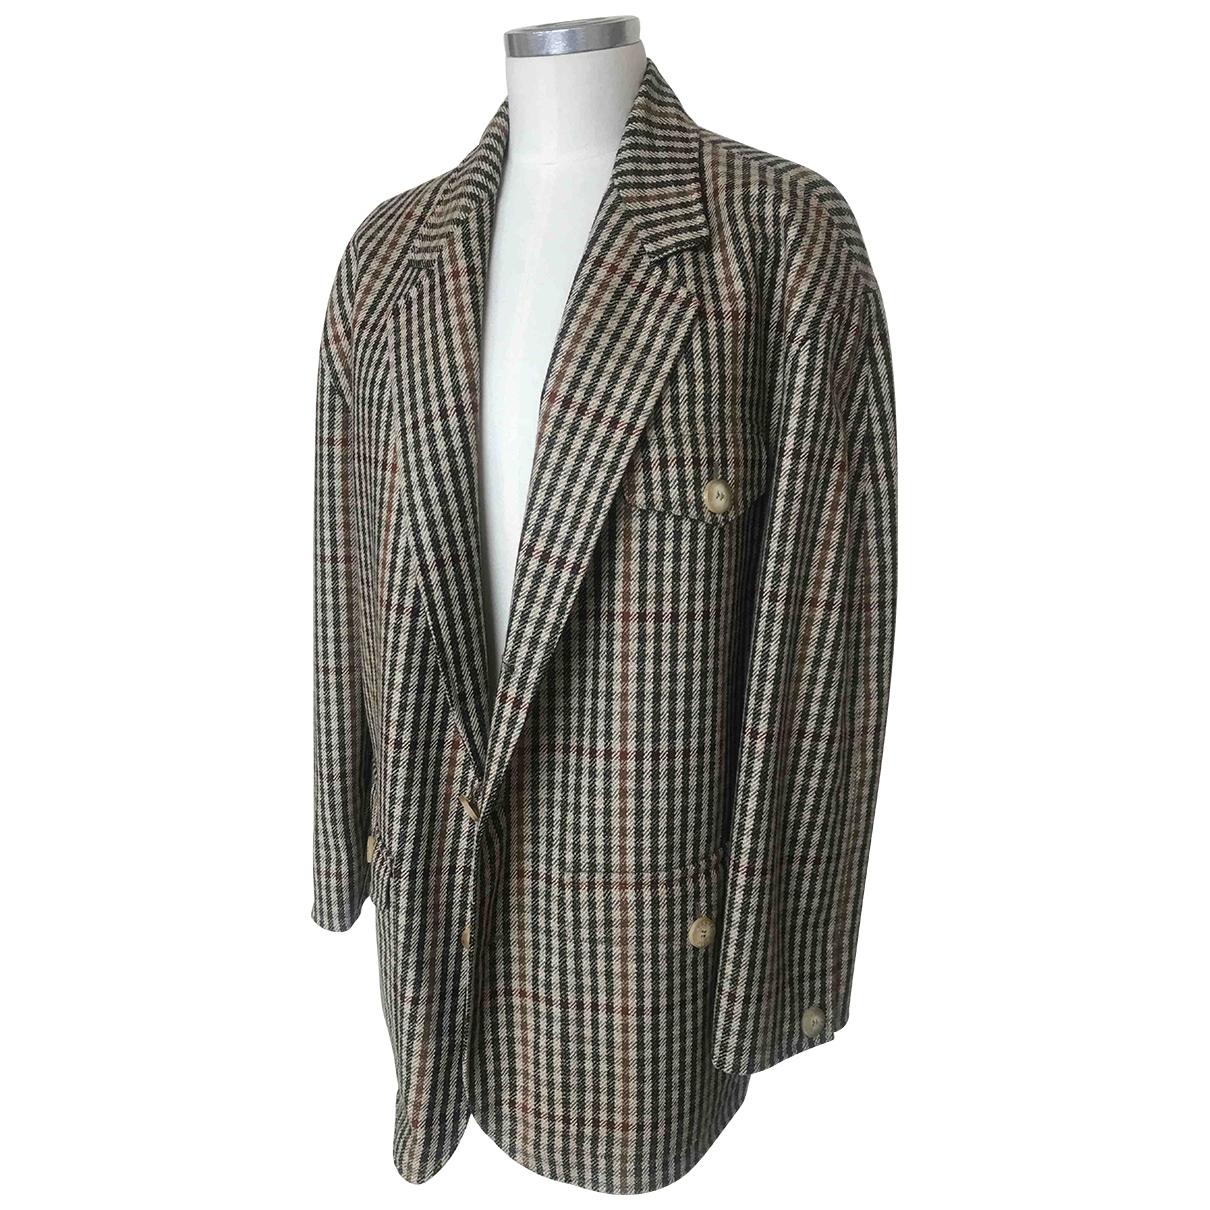 Hermès \N Camel Wool jacket  for Men L International